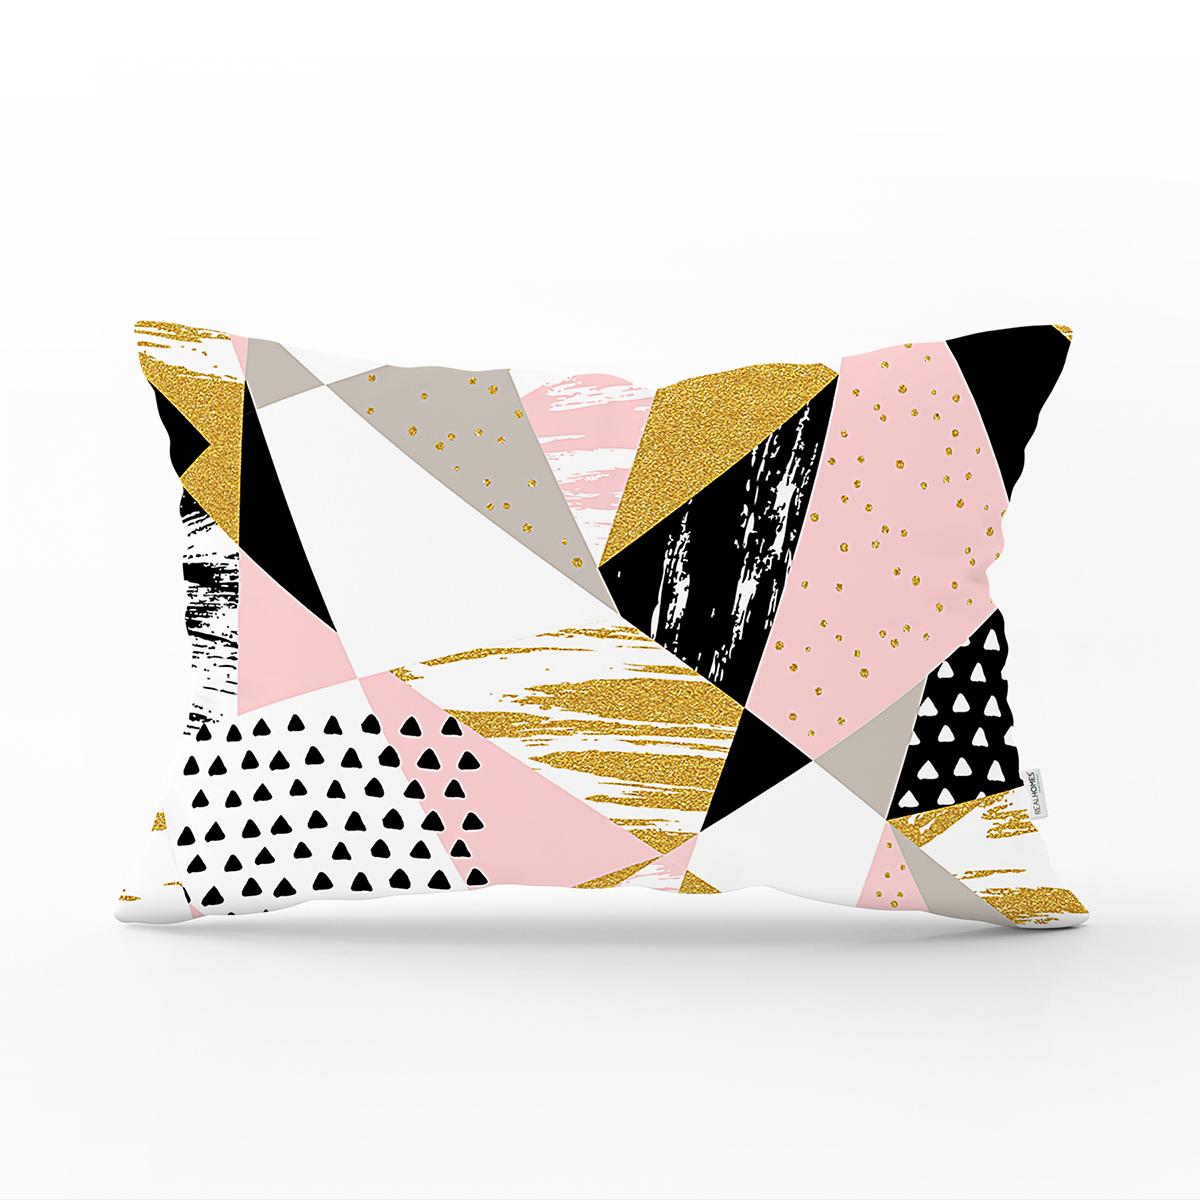 Beyaz Zemin Üzerinde Renkli Geometrik Desenli Dijital Baskılı Modern Dikdörtgen Yastık Kılıfı Realhomes